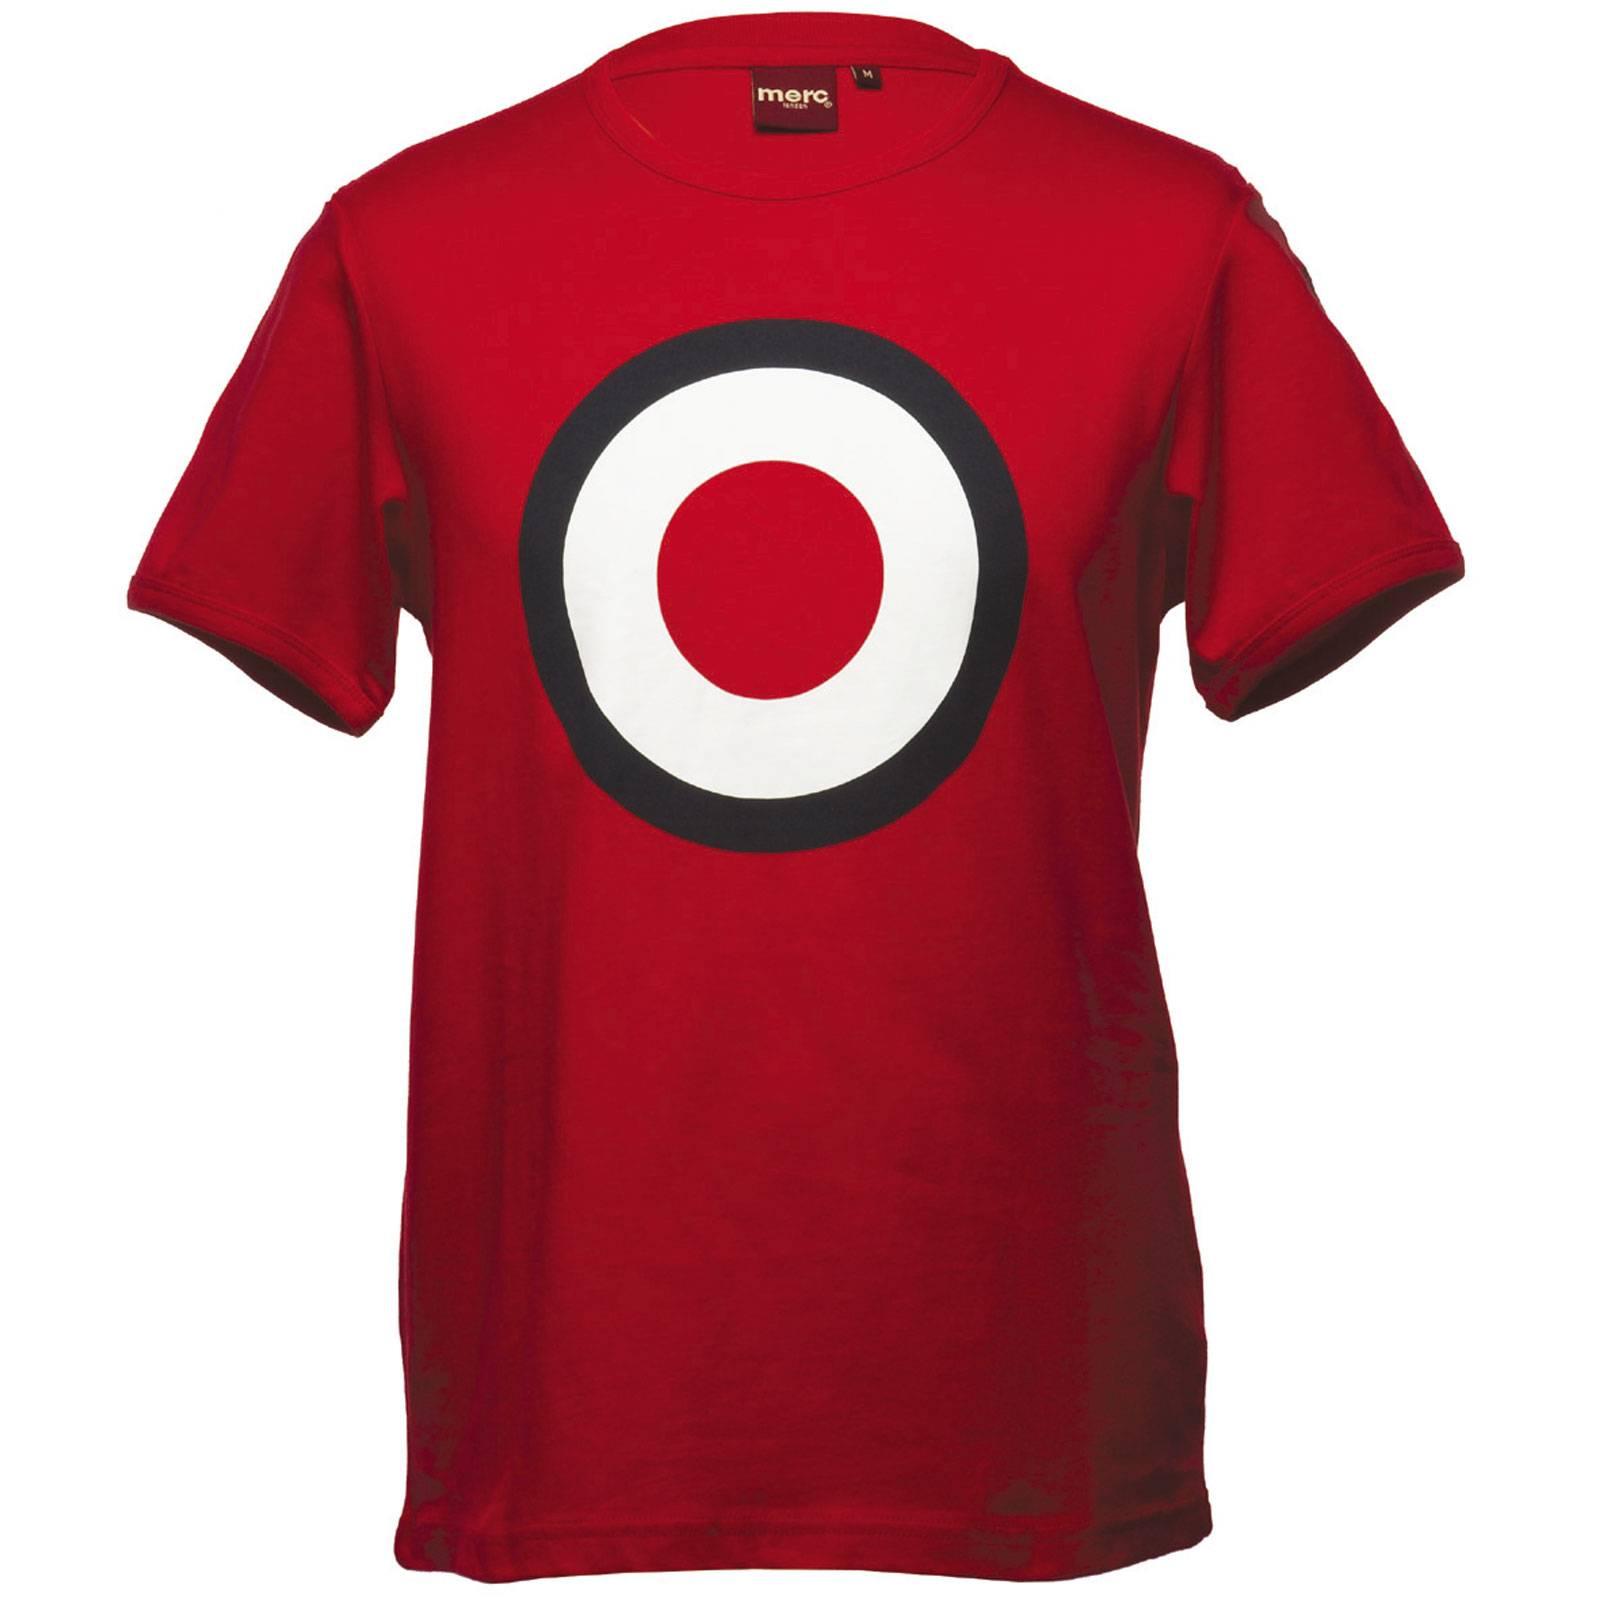 Футболка TicketCORE<br>Классическая t-shirt Merc базовой всесезонной линии &amp;amp;quot;Core&amp;amp;quot; с принтом в виде таргета - легендарным символом mod-движения и mod-look. Высокое качество нанесения орнамента исключает его облезание в результате стирок. Ярко сочетается с олимпийками, кардиганами и верхней одеждой. Произведено в Европейском Союзе.<br><br>Артикул: 1705128<br>Материал: 100% хлопок<br>Цвет: красный<br>Пол: Мужской